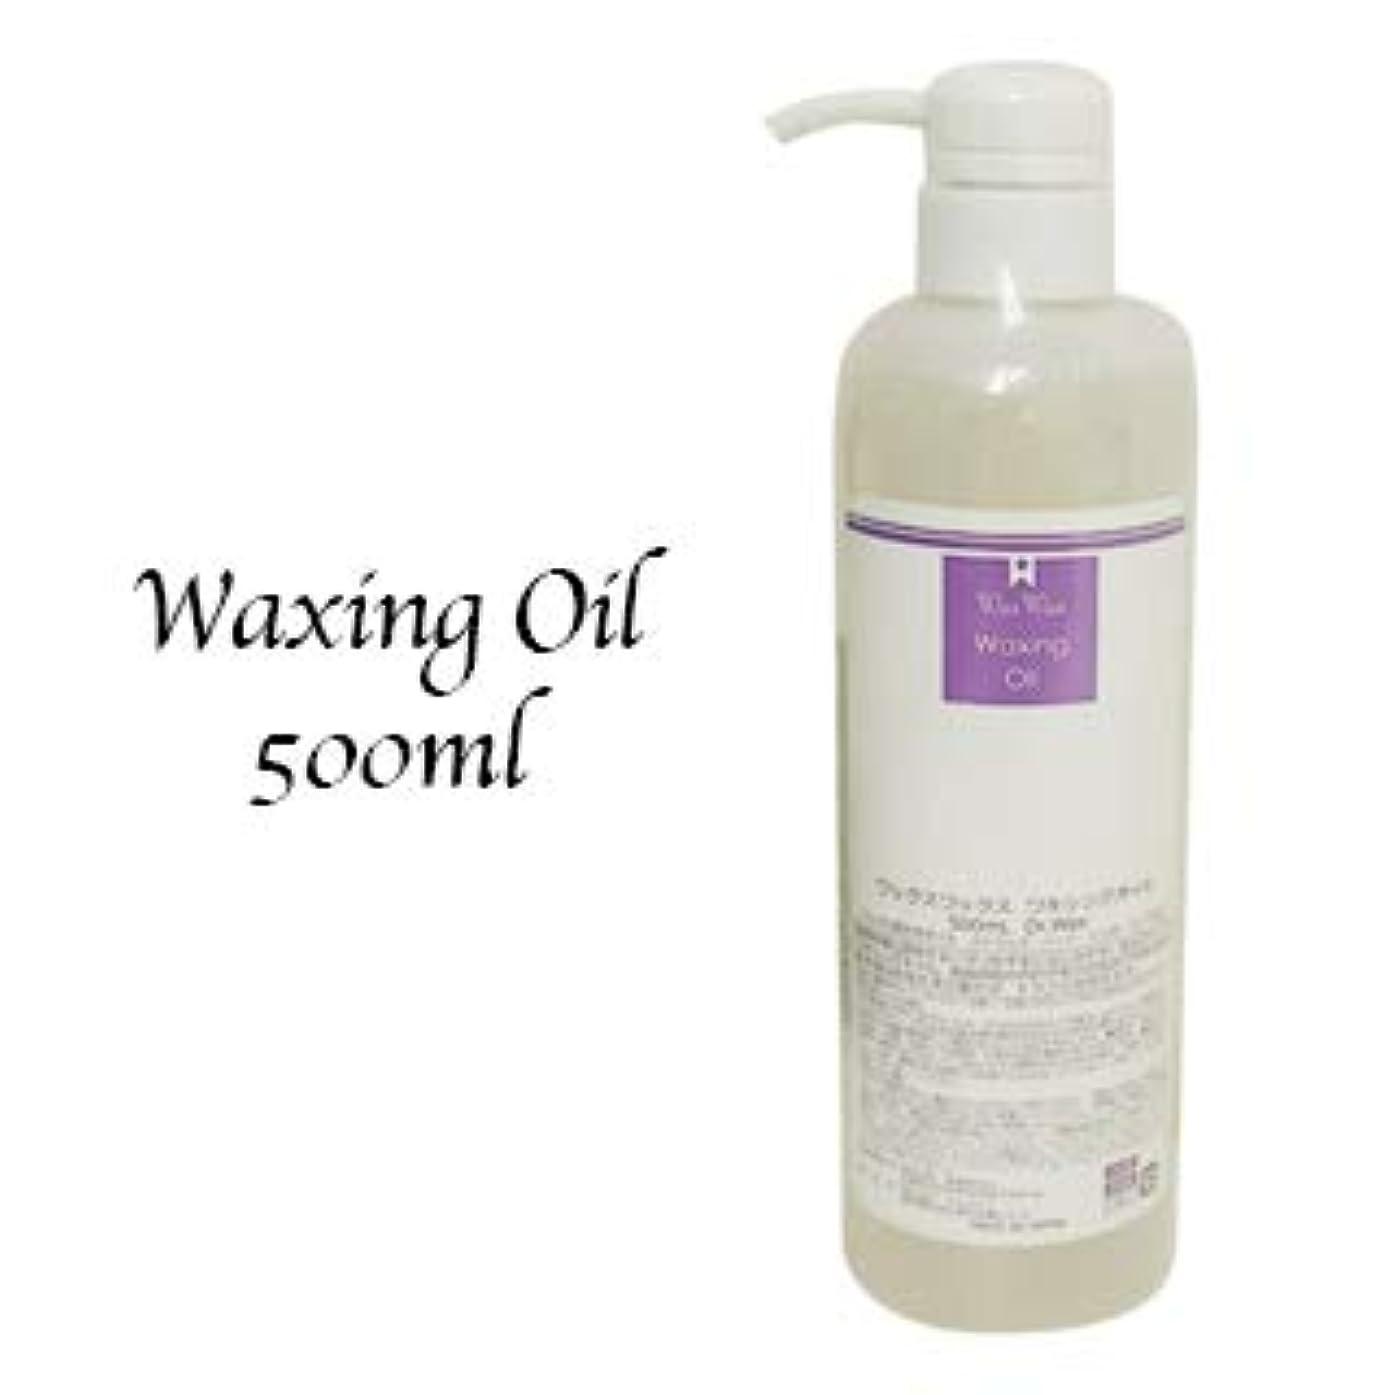 指下向き招待WaxWax ワキシングオイル500ml Dr.Wax